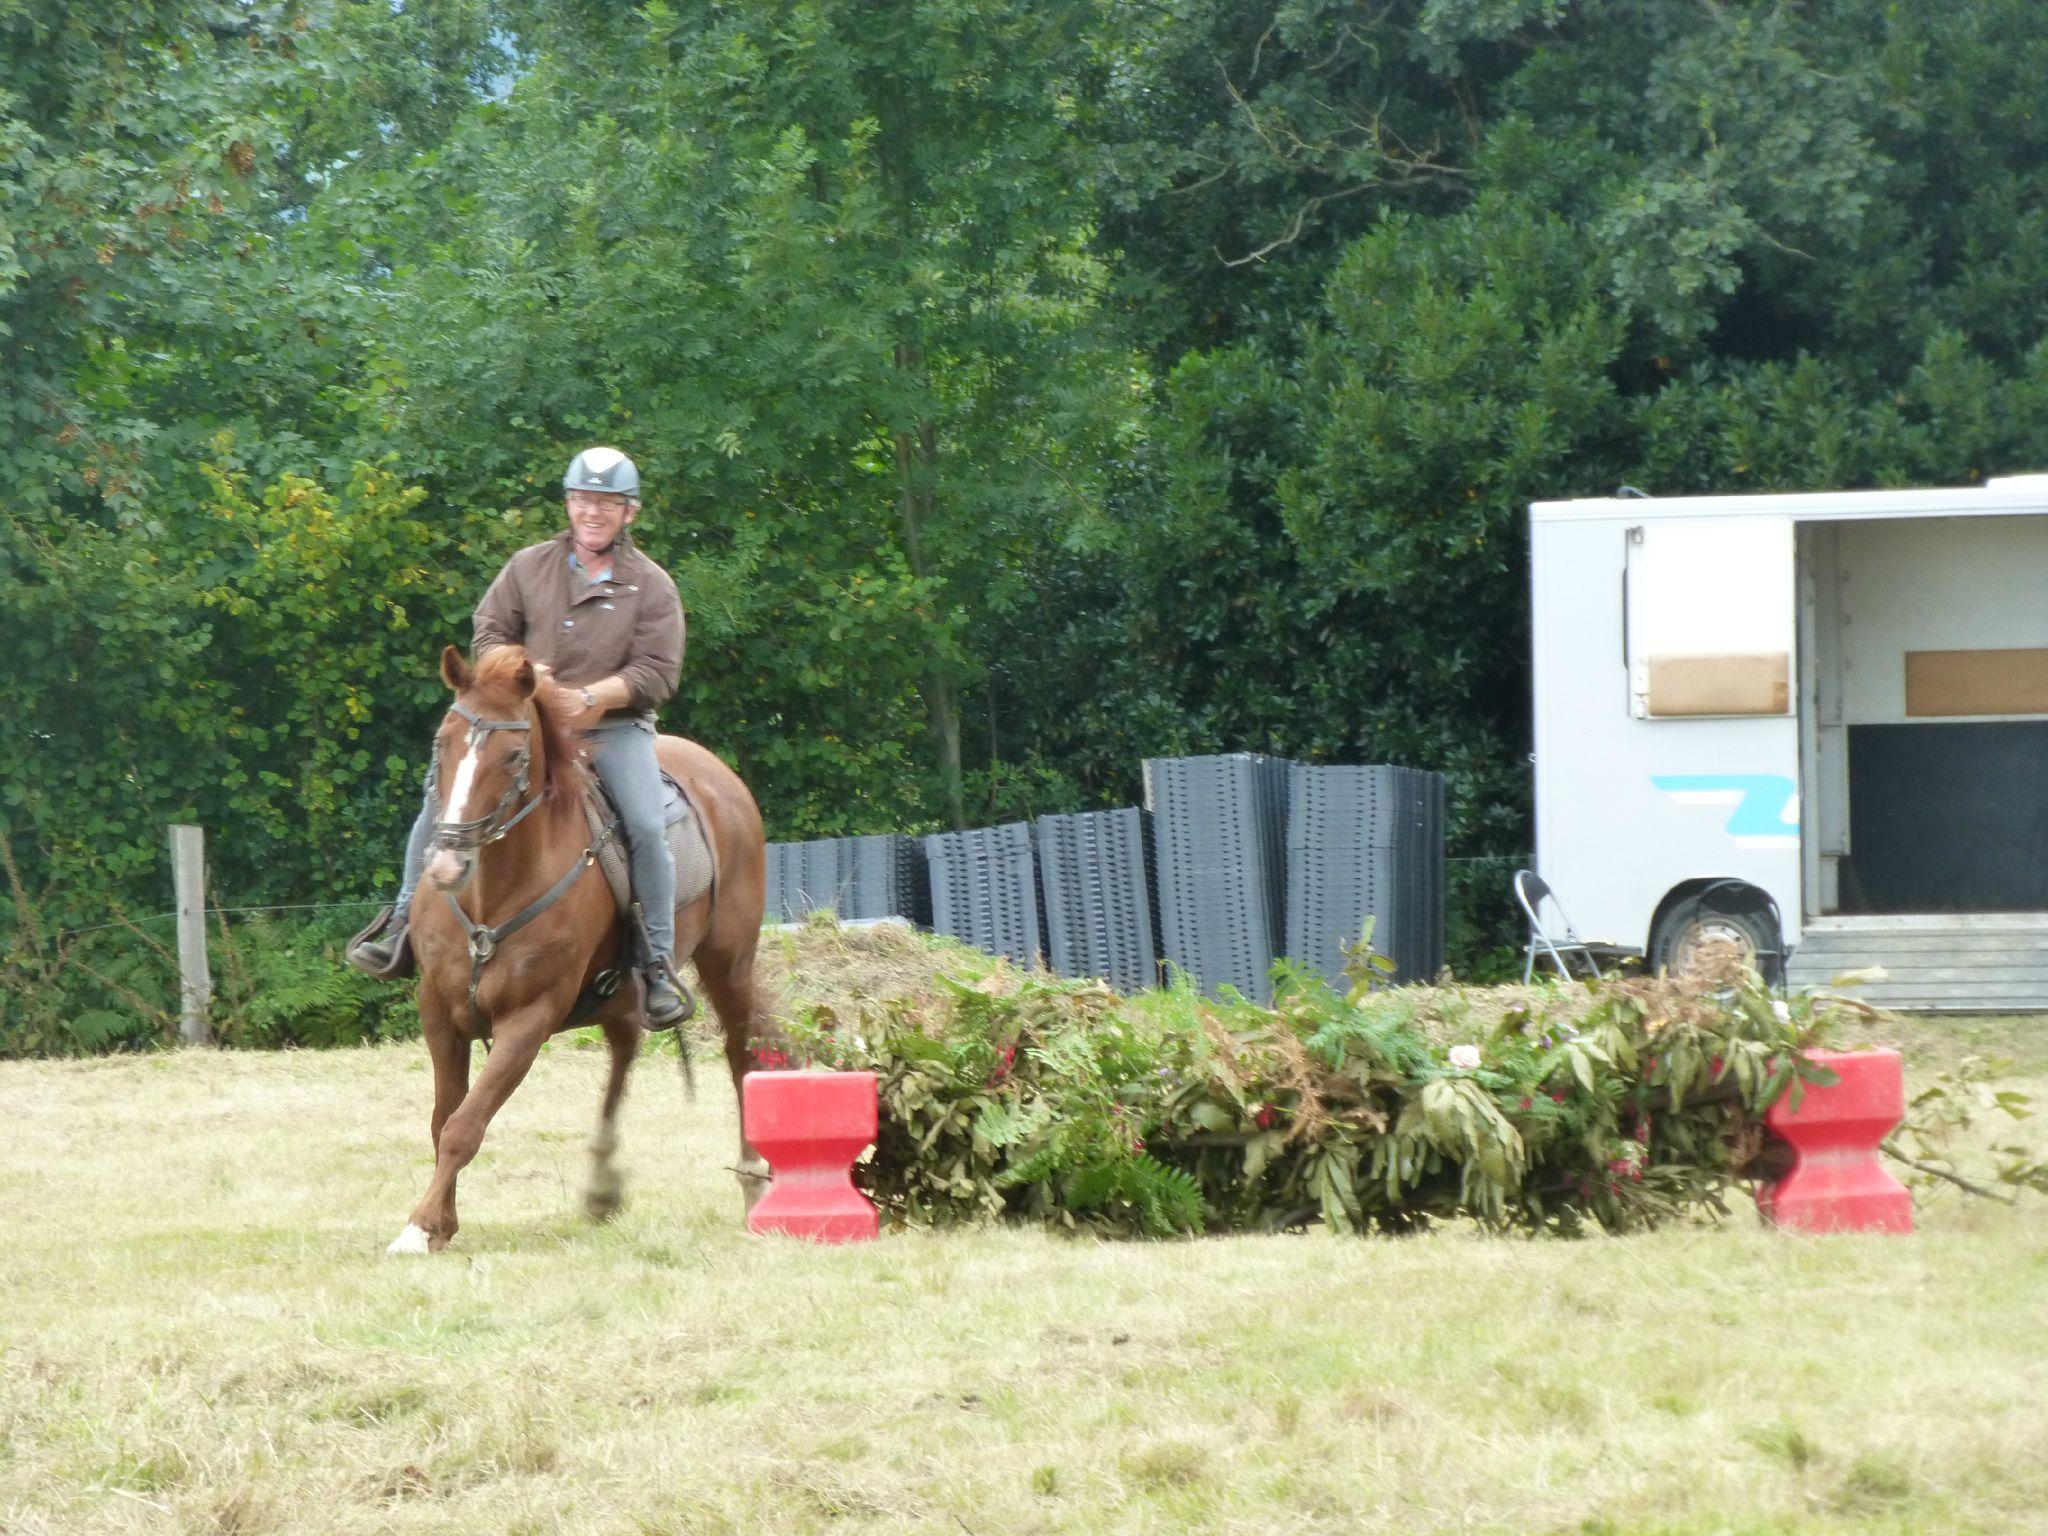 Jeux équestres manchots - parcours de pleine nature après-midi (264)